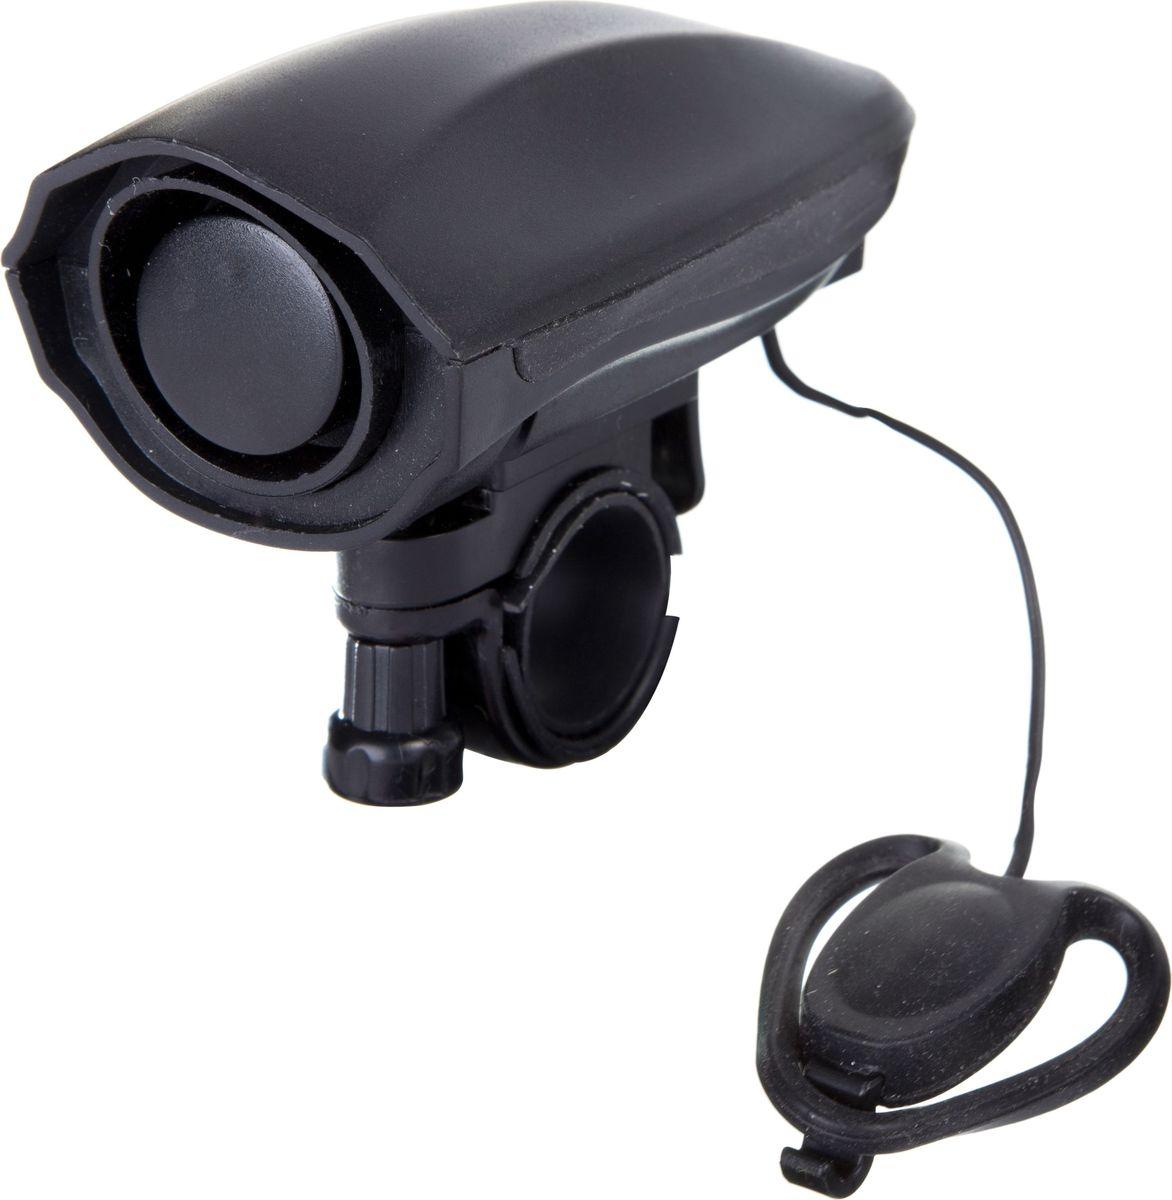 Звонок велосипедный STG JY575J, электронный, 2 звука, мощность 120 ДБASS-02 S/MЭлектронный звонок STG JY575J, выполненный из пластика и металла, предупредит пешеходов и других велосипедистов о вашем приближении, а также обеспечит безопасность вашего движения. Звонок предназначен для крепления на руль. Он имеет 2 звука: пищание и пение птиц.Мощность: 120 ДБ. В качестве элемента питания используются 3 батарейки типа ААА.